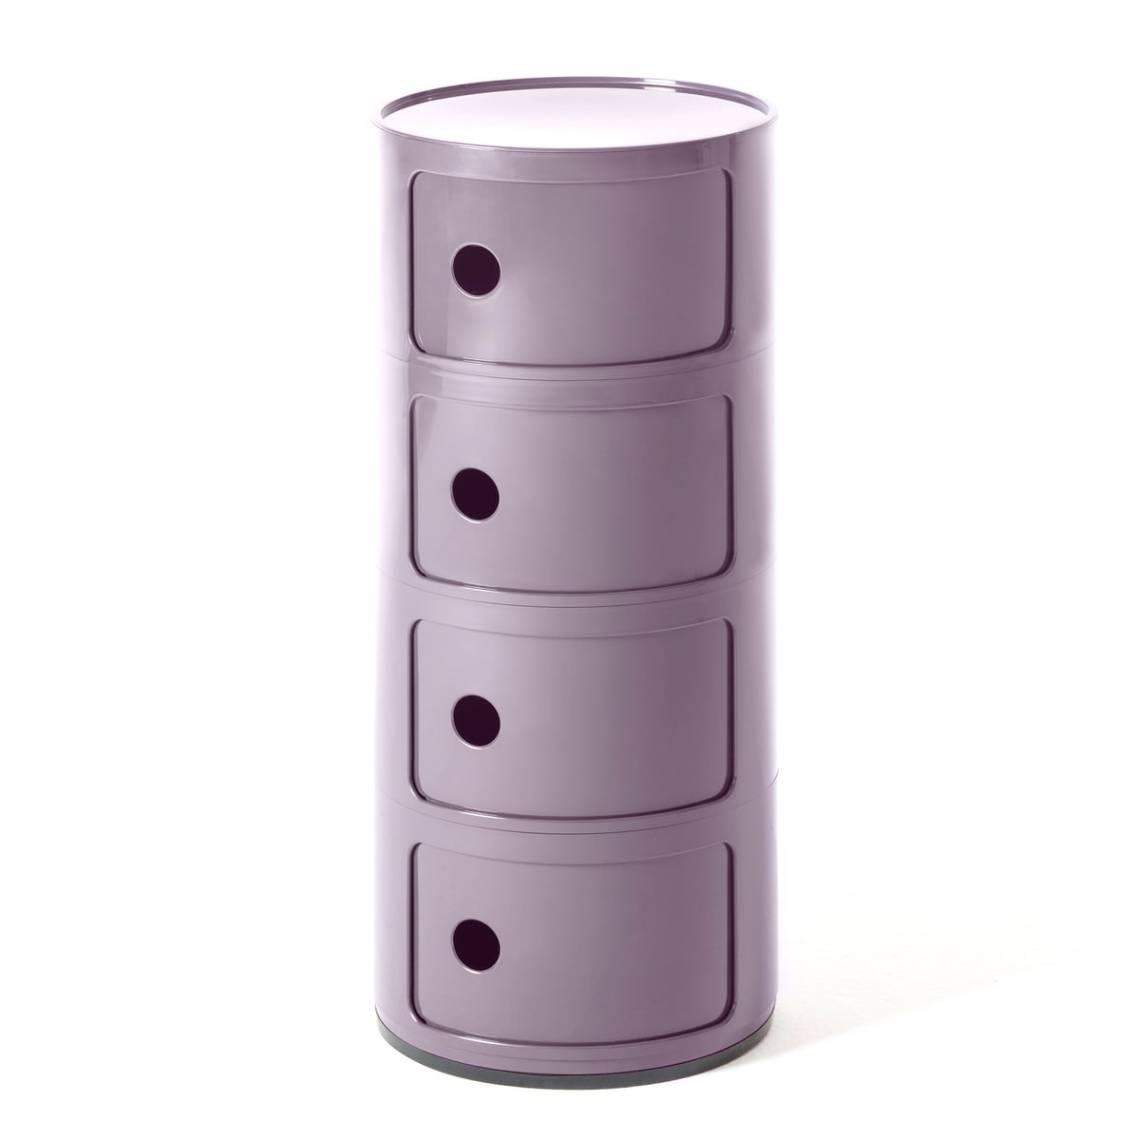 Componibili 4985 Container, violett